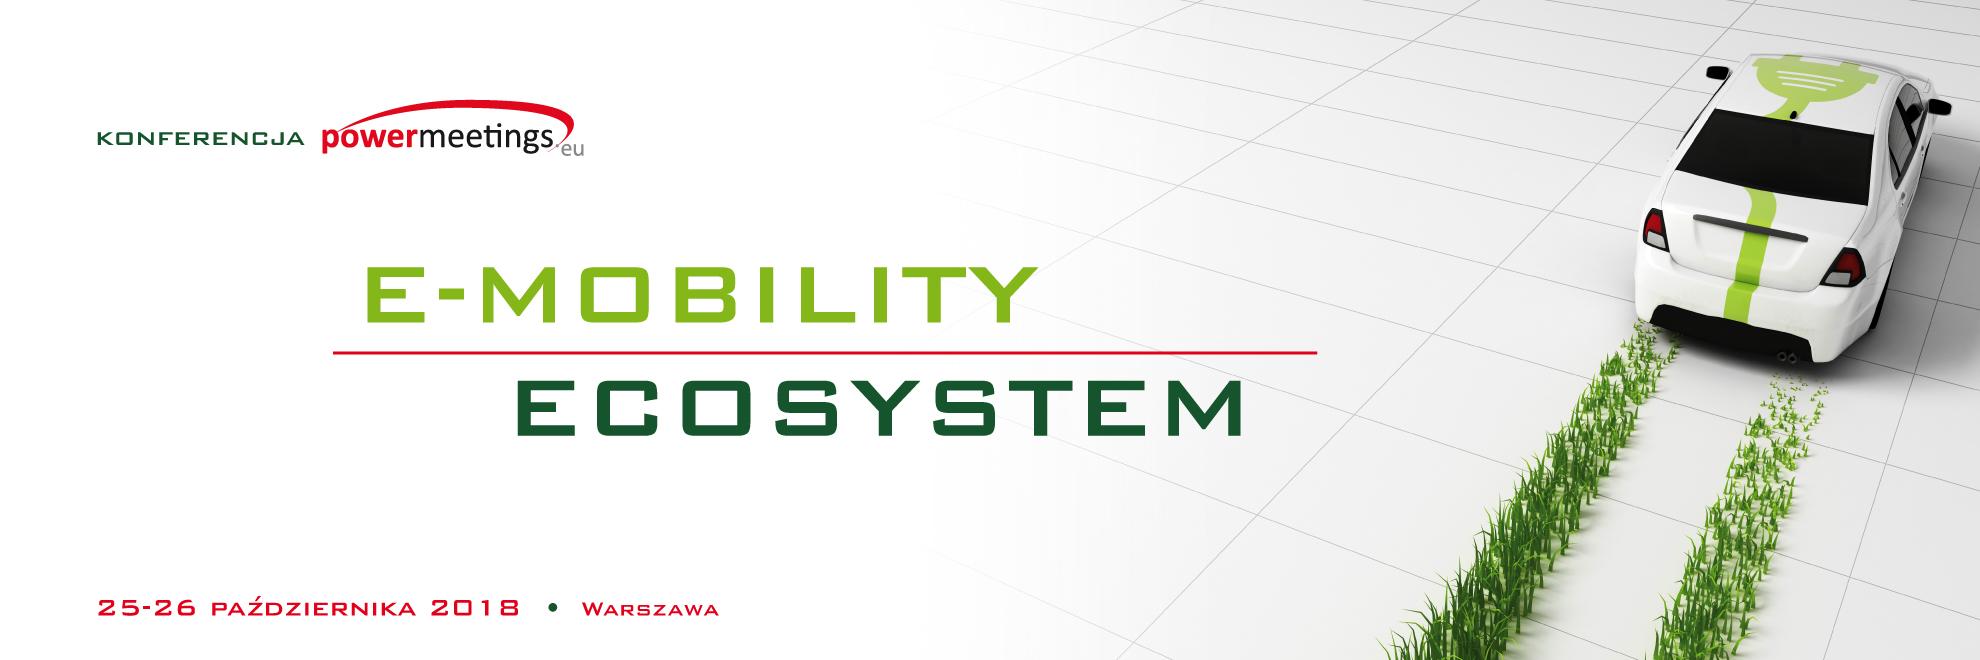 Międzynarodowy kongres E-mobility Ecosystem